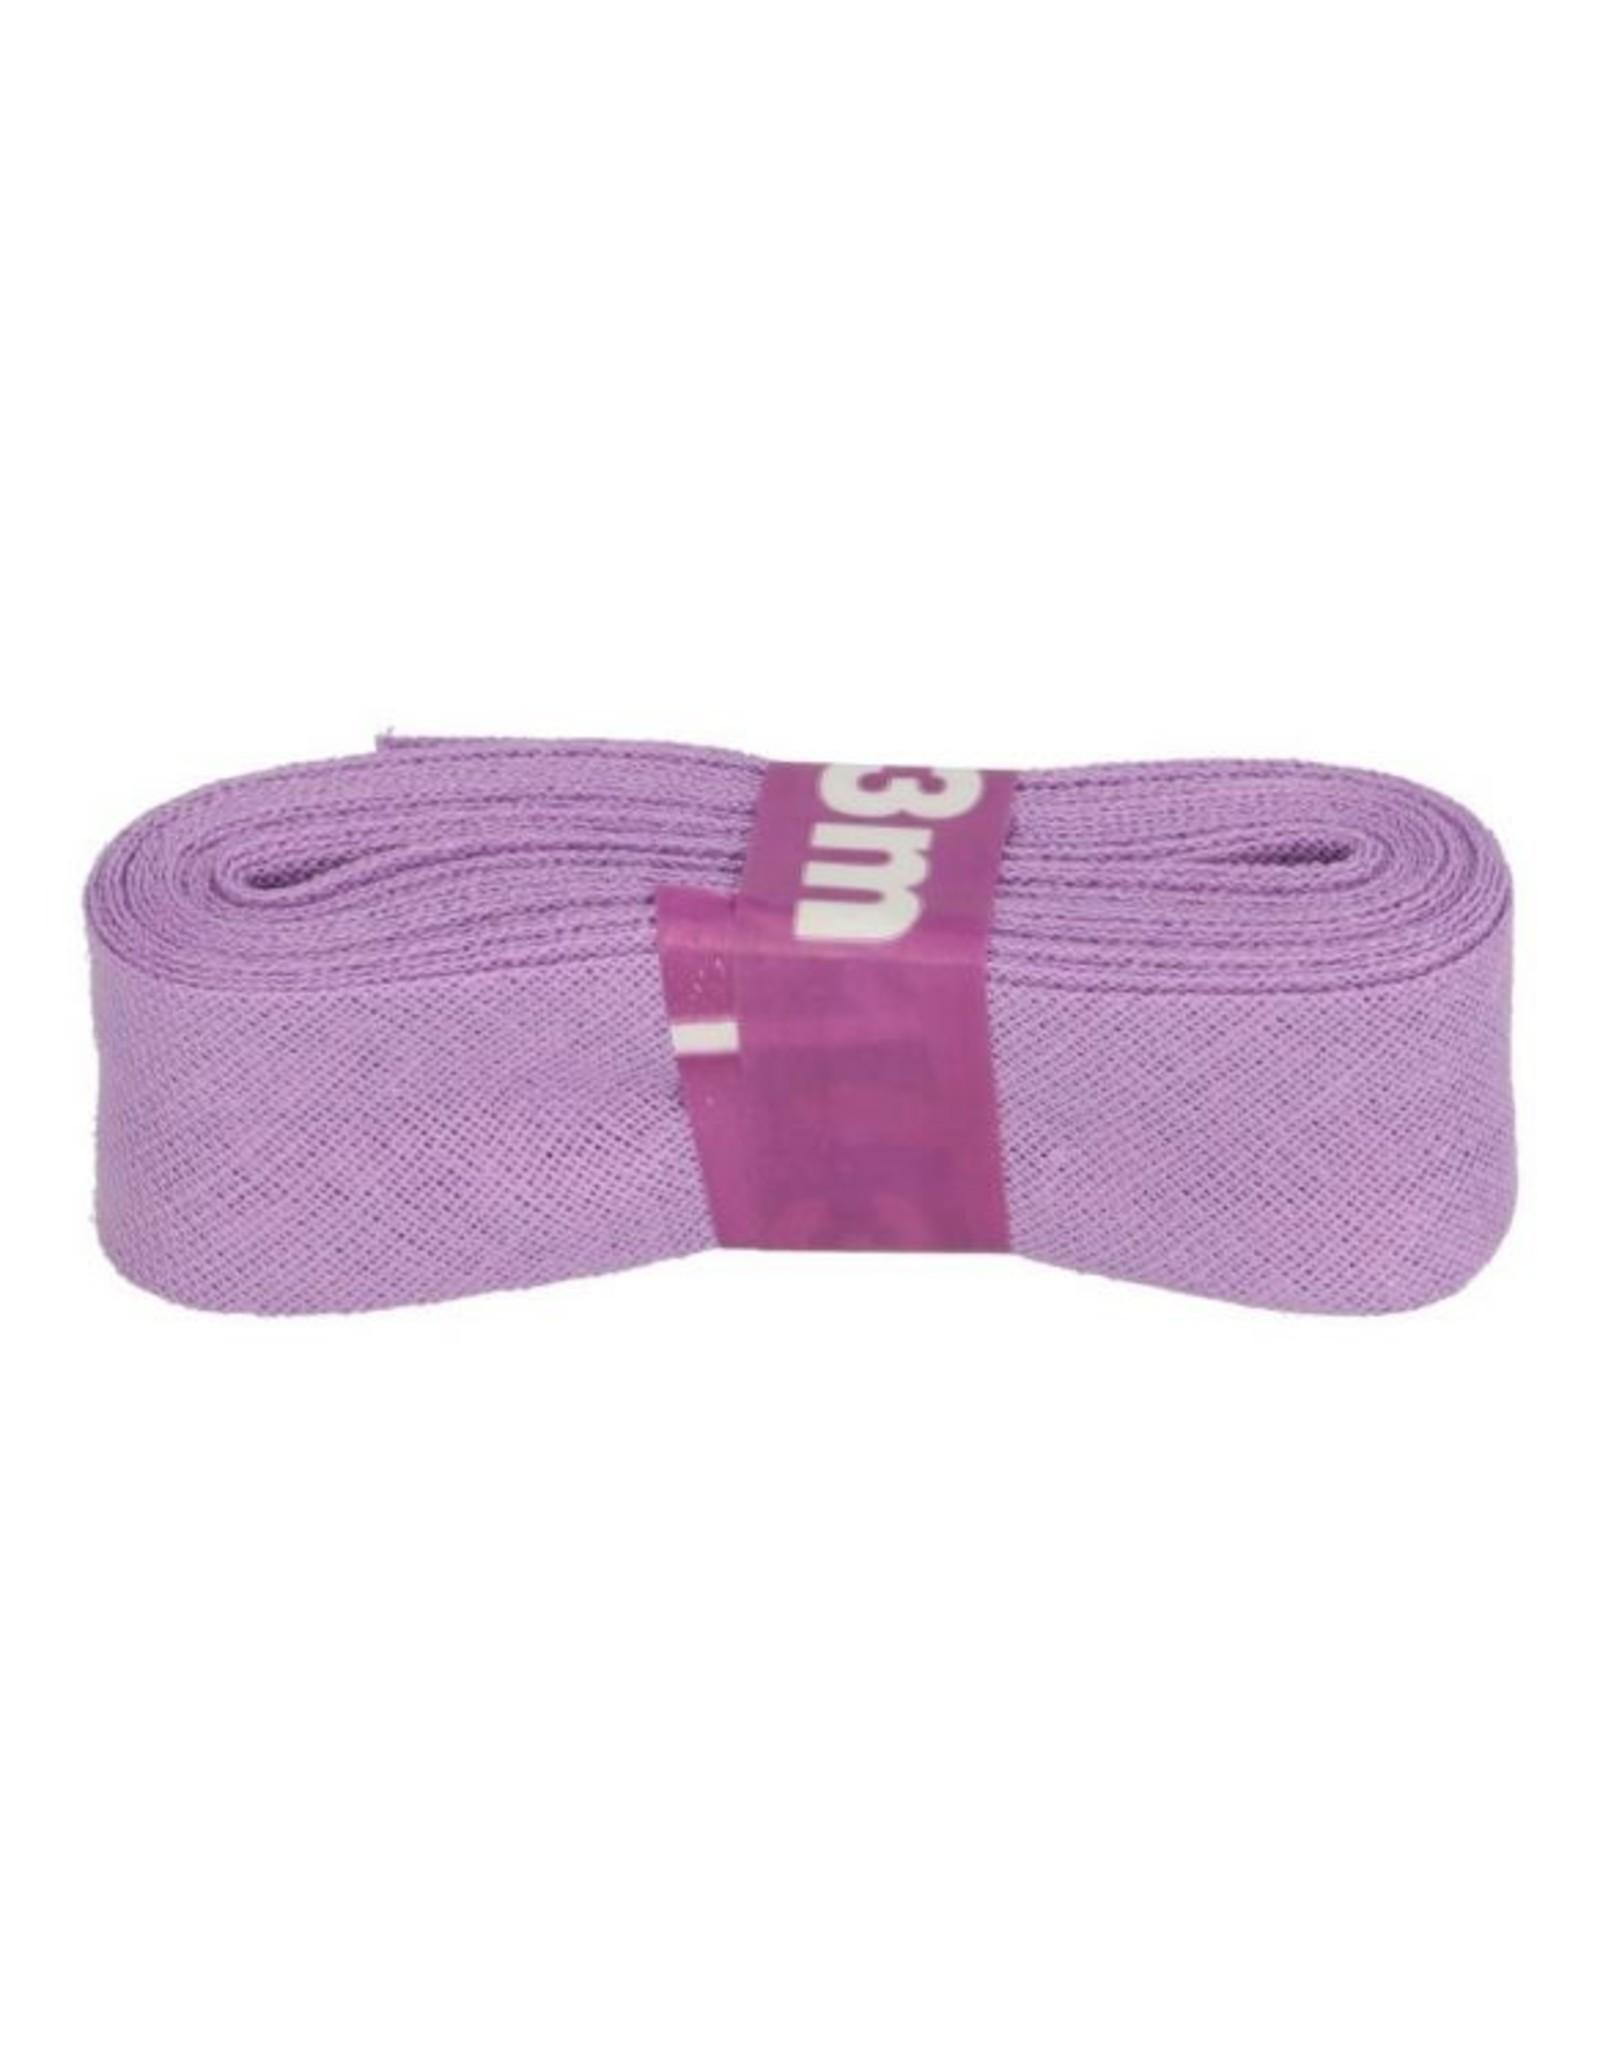 3m Schrägband aus Baumwolle 12mm Flieder